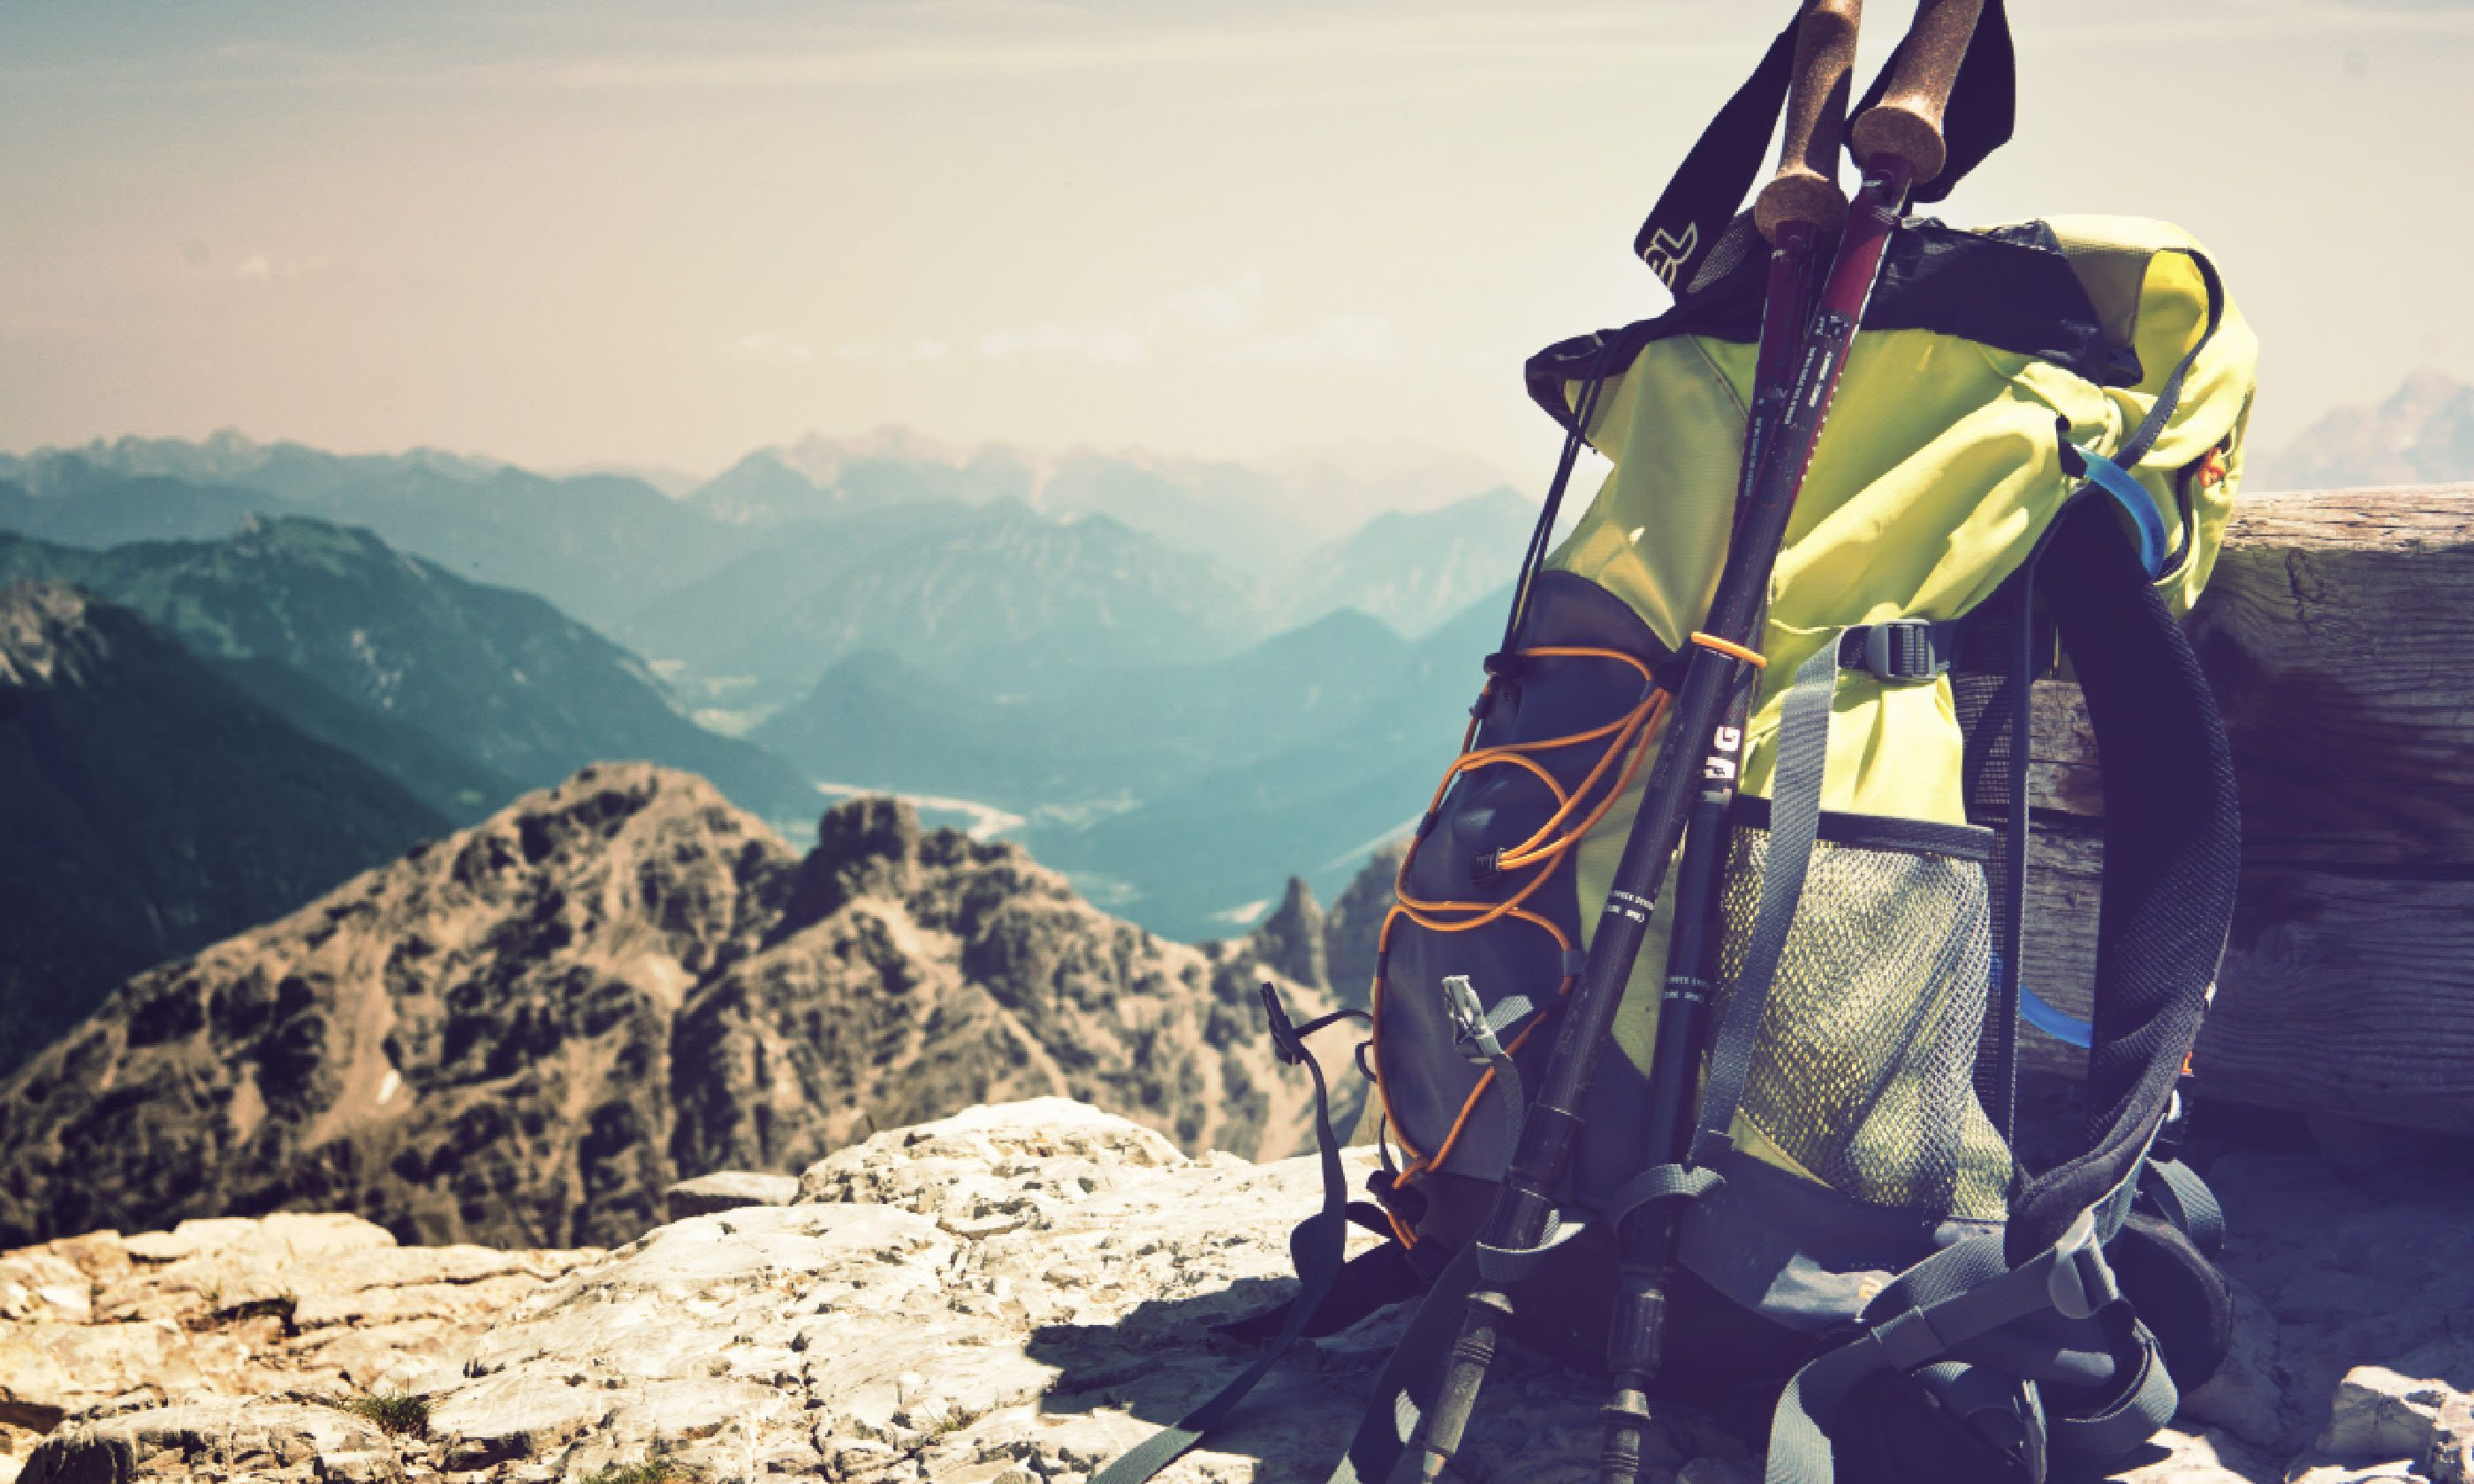 Rucksack in the German Alps (Shutterstock)